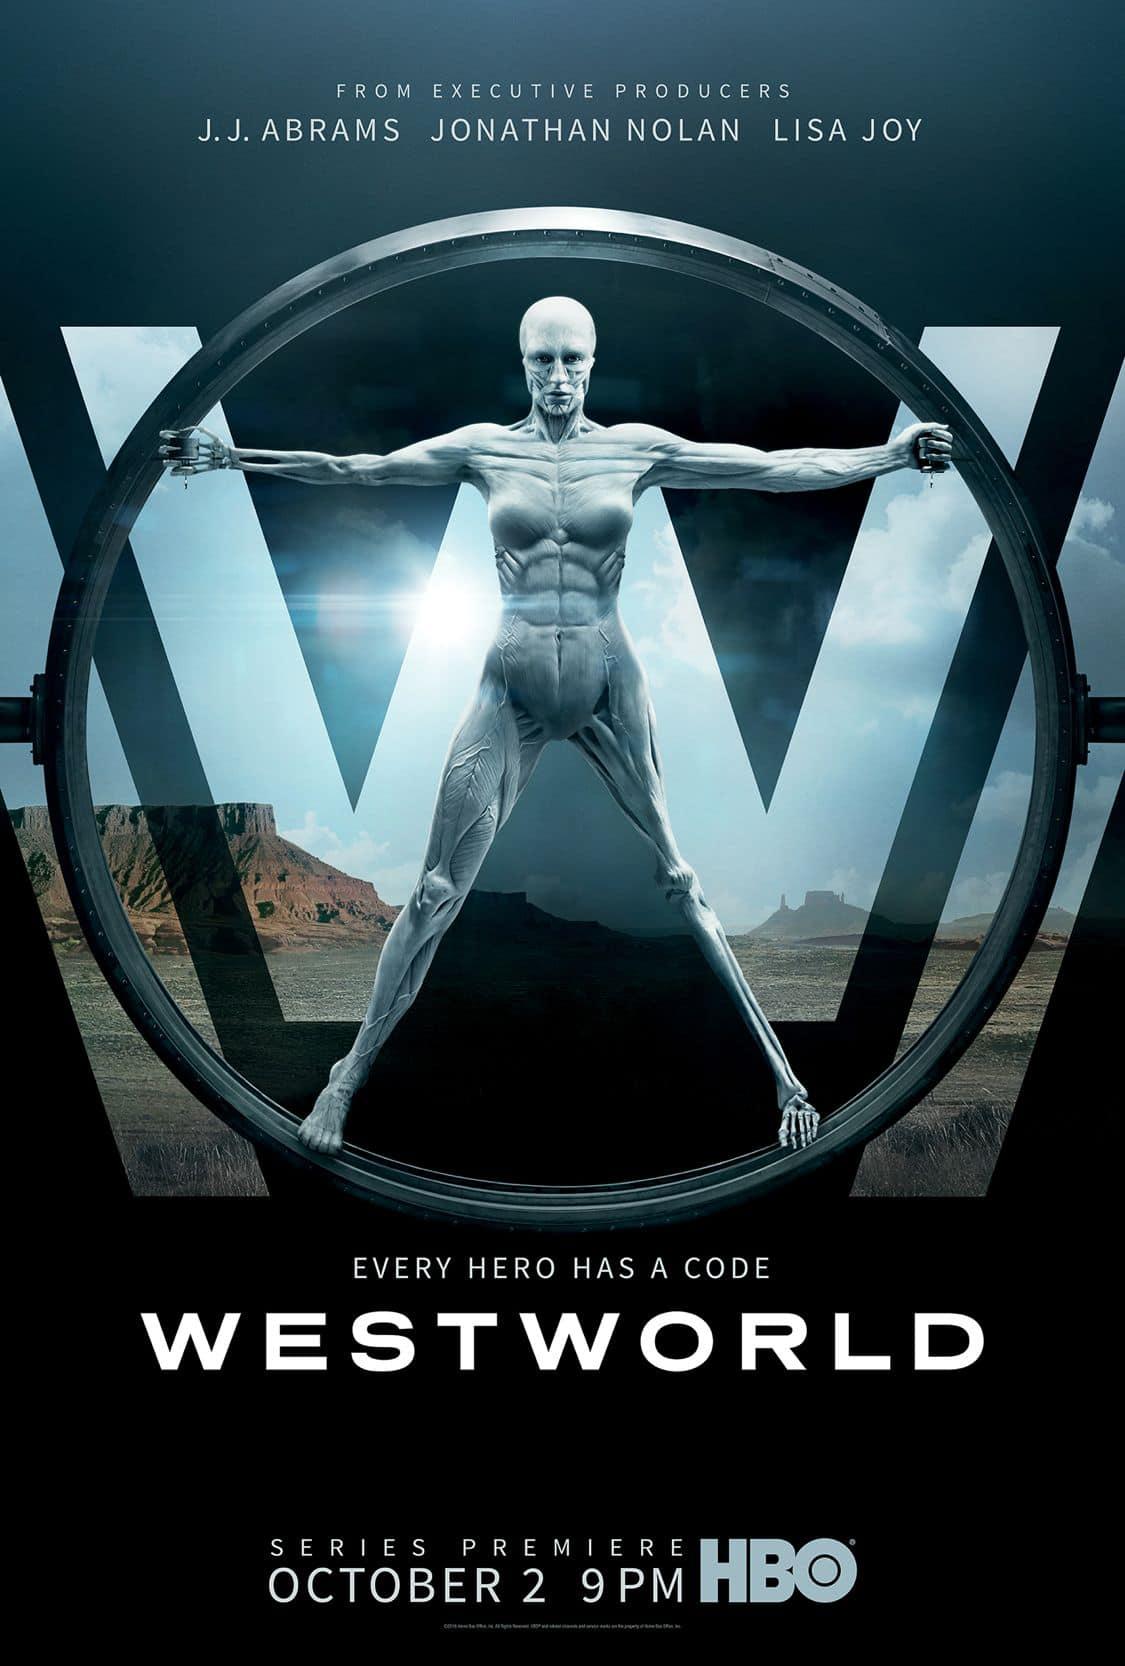 WESTWORLD Season 1 Poster Key Art HBO